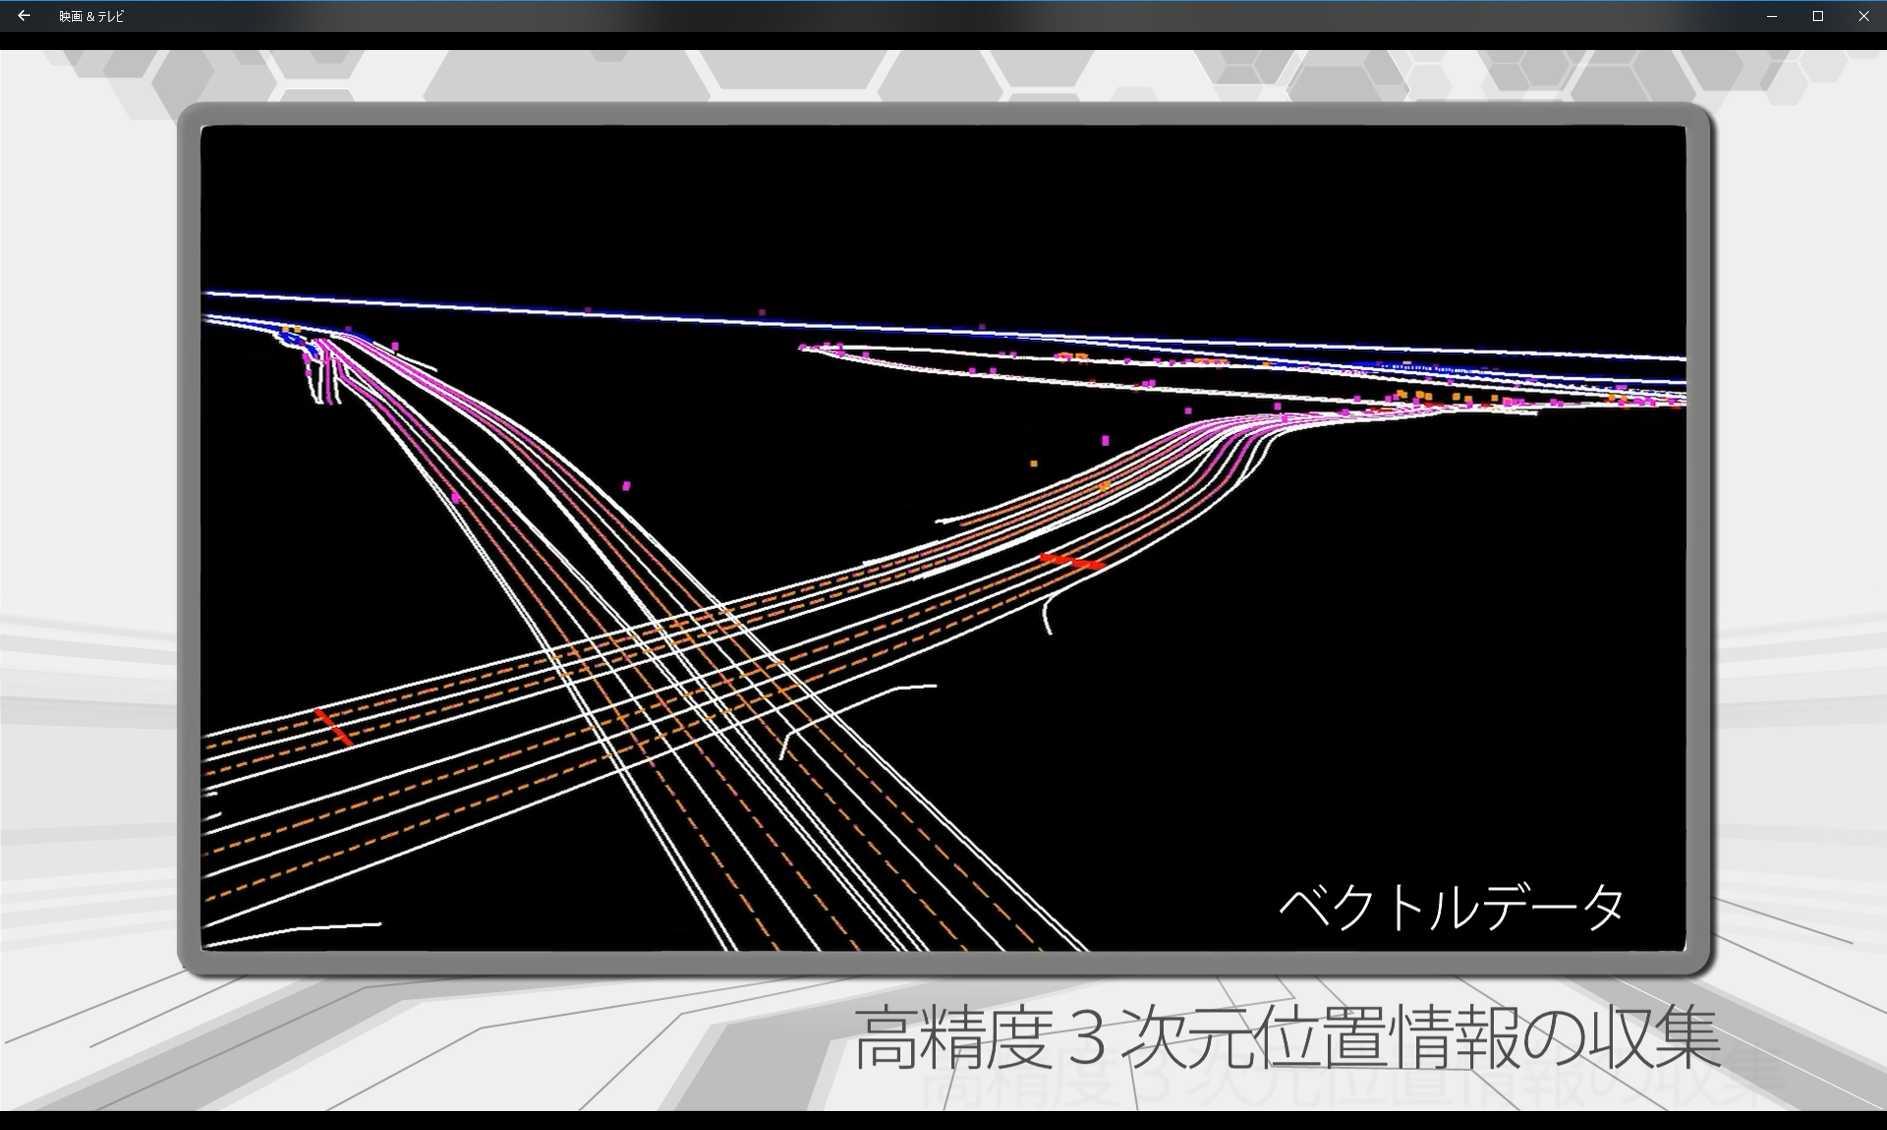 ベクトルデータ(画像提供:ダイナミックマップ基盤株式会社)